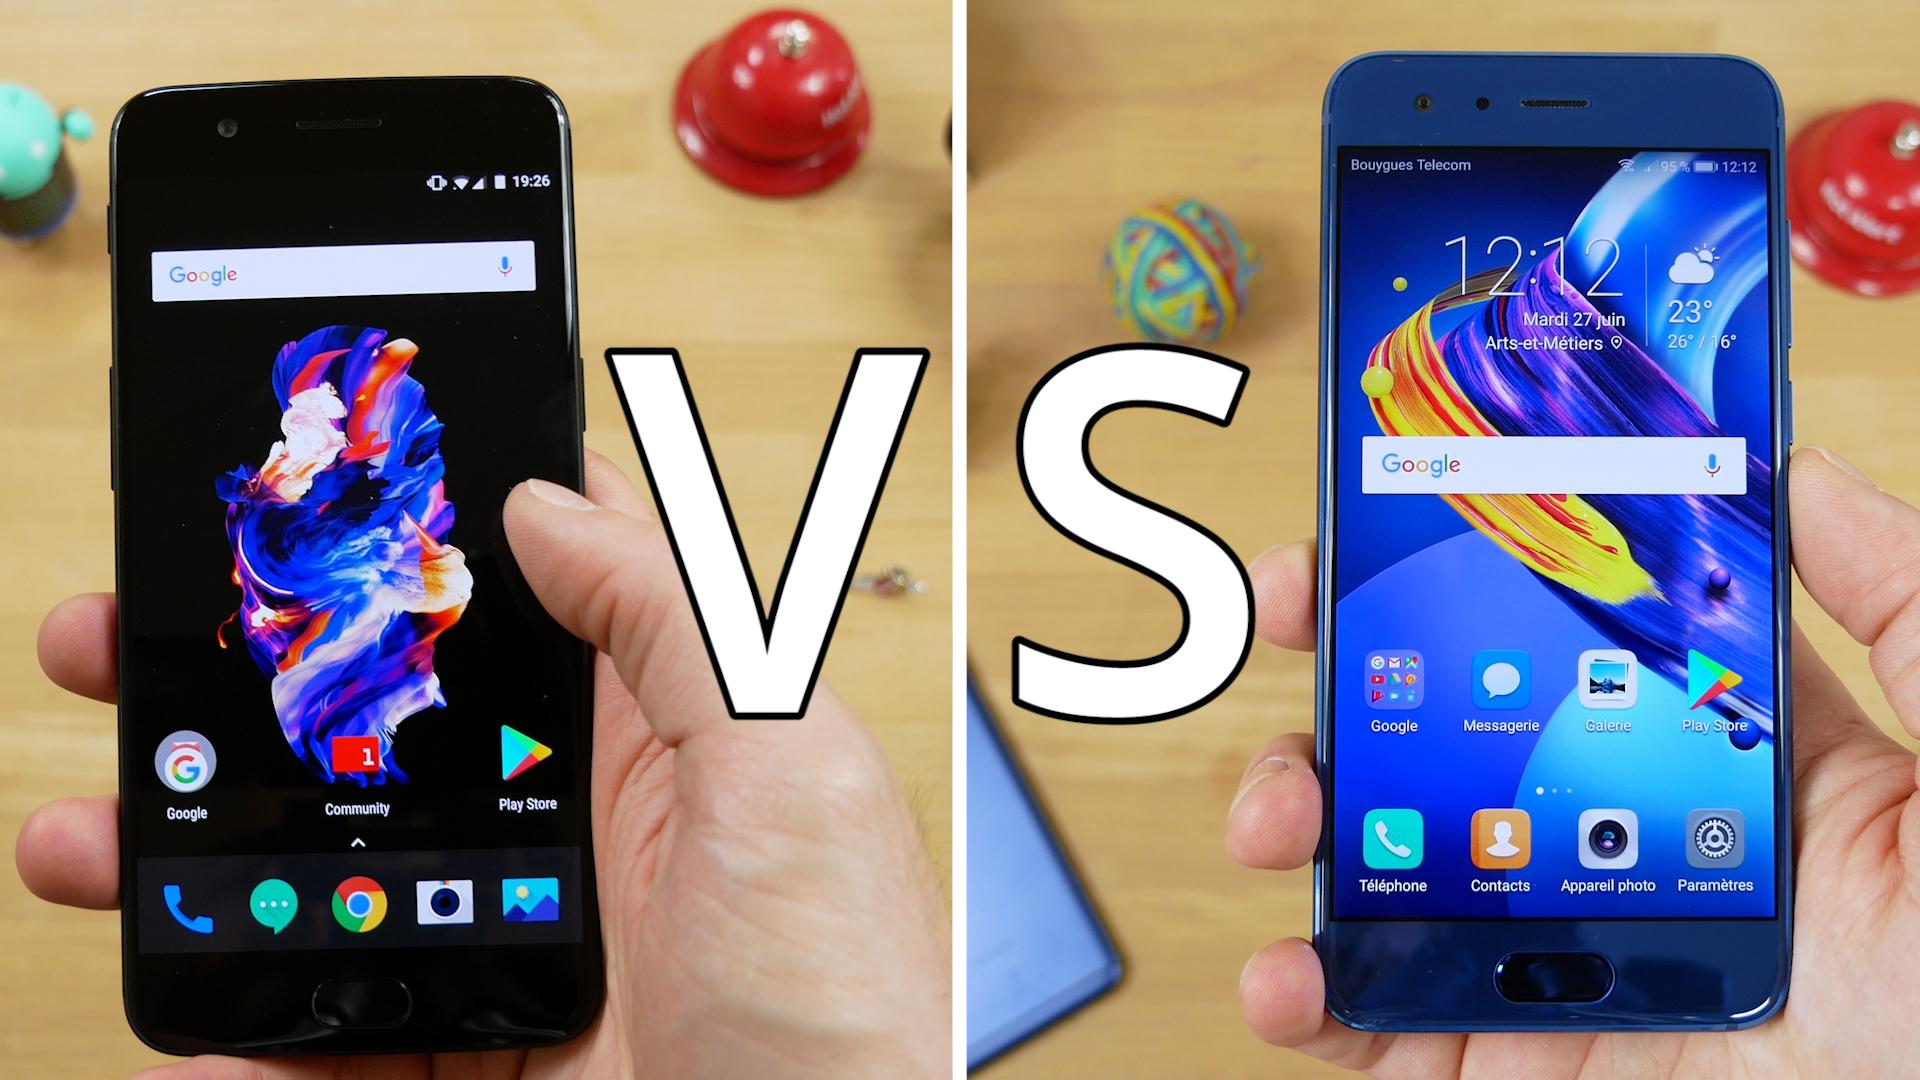 Vidéo : Honor 9 vs OnePlus 5, lequel choisir ?